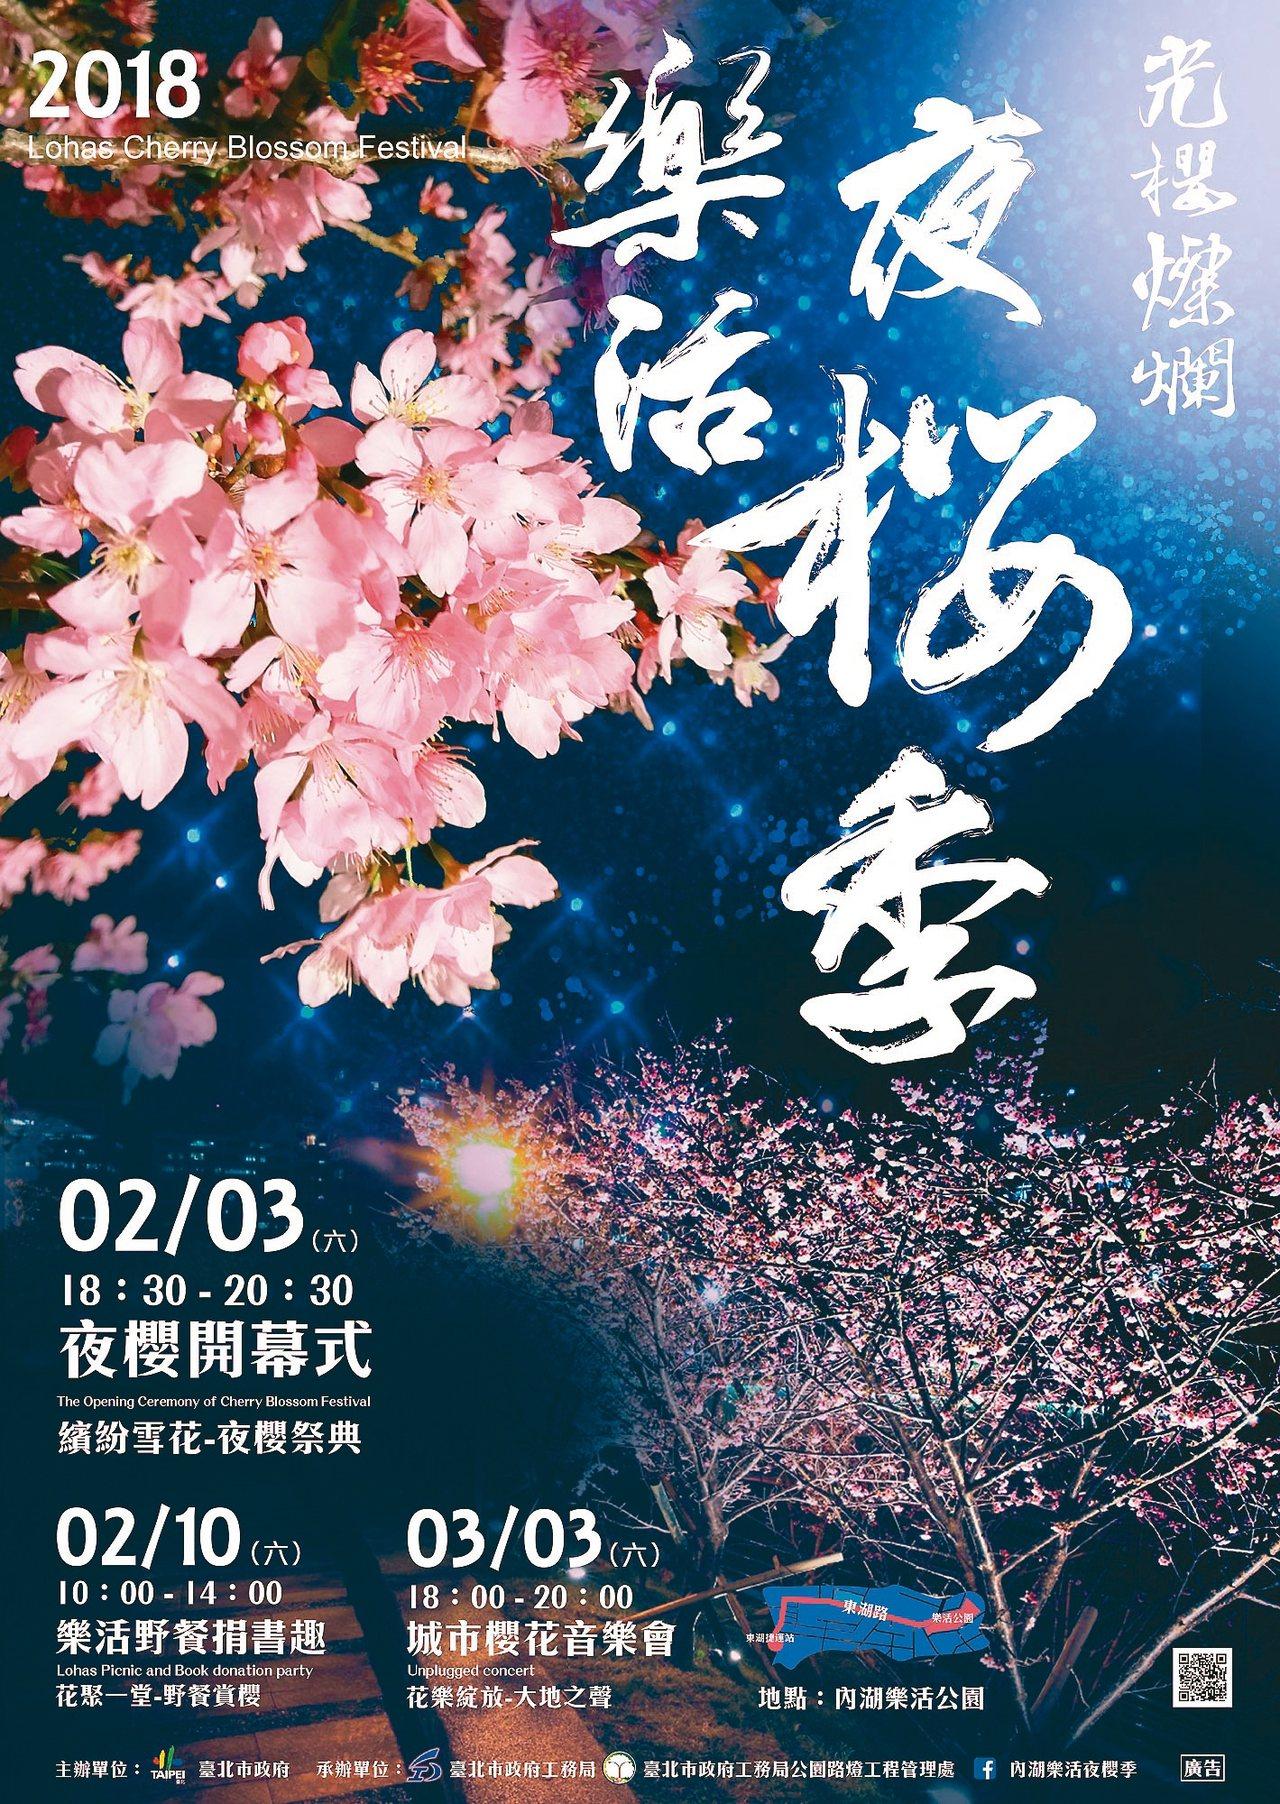 「2018樂活夜櫻季」將於2月3日登場,浪漫夜櫻風情等您來體驗。 圖╱台北市公園...